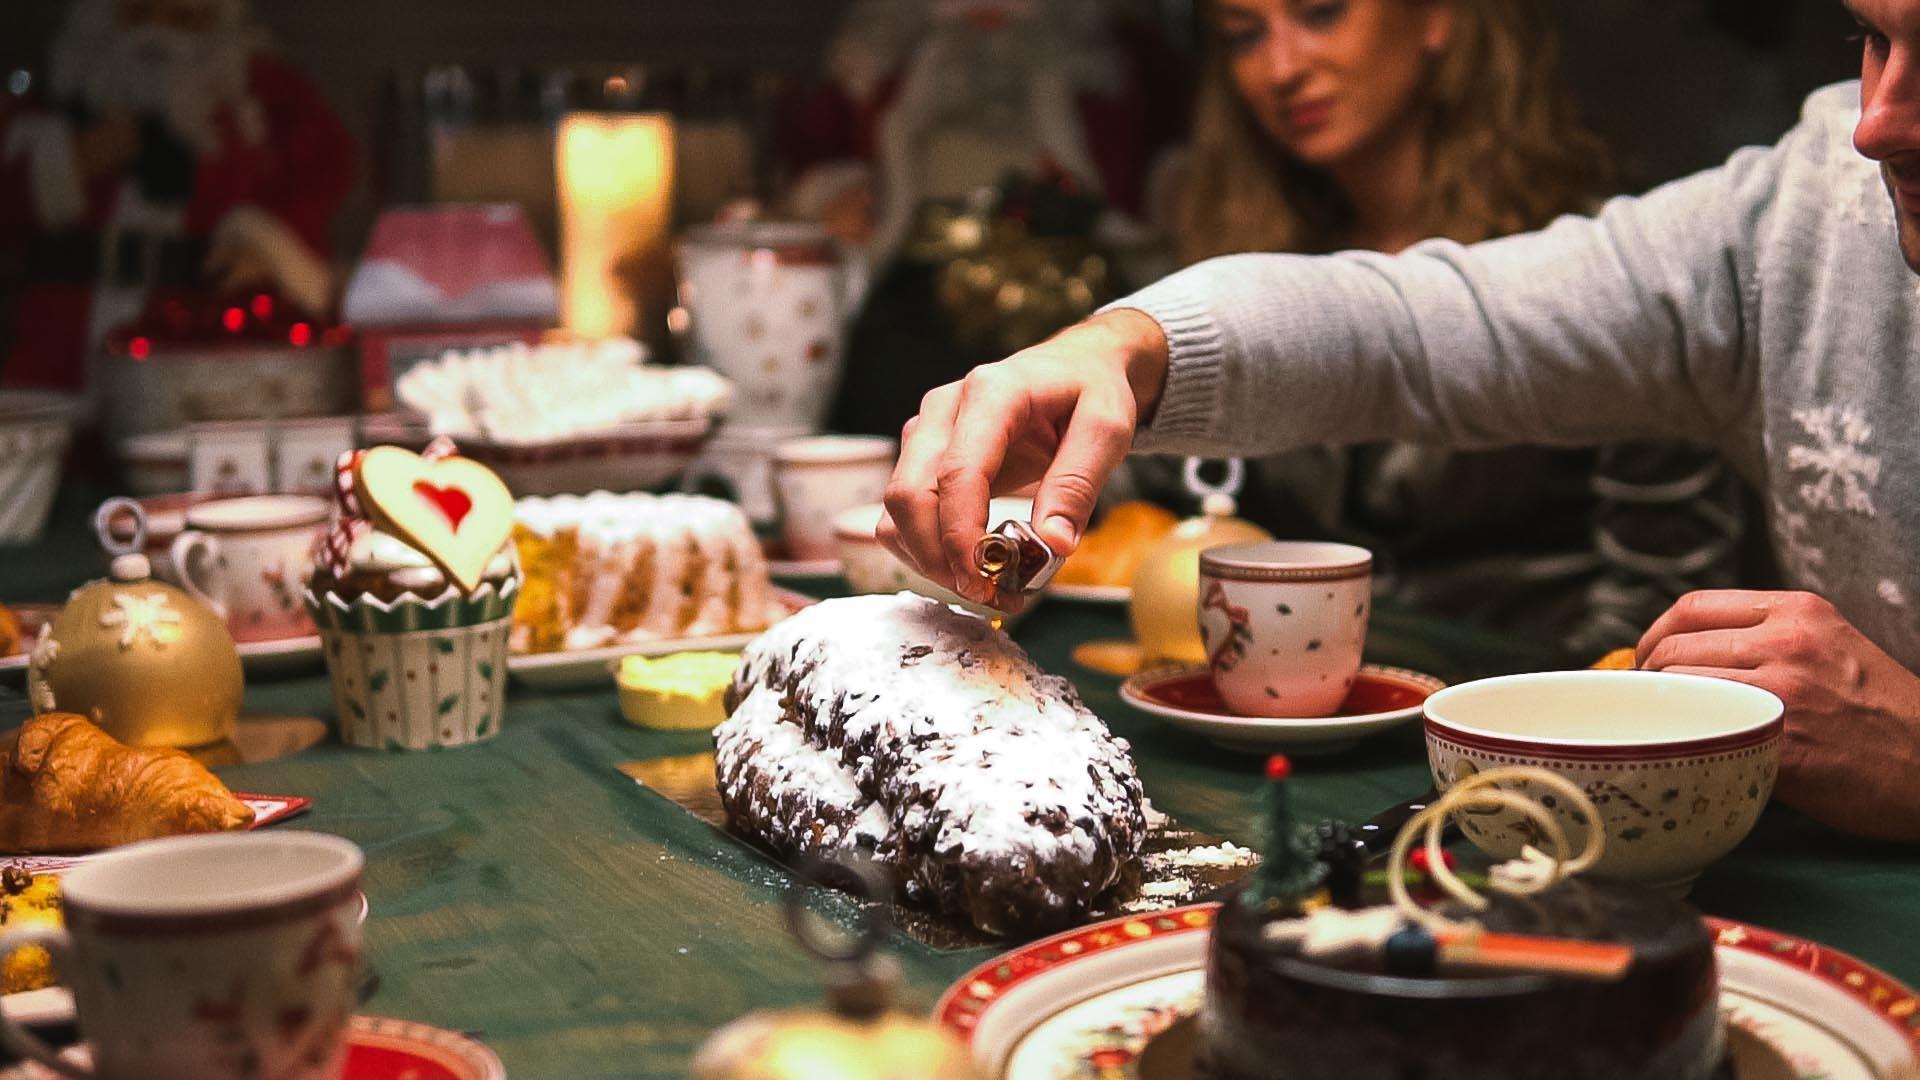 Weihnachtsstol Subliem is een Rijk gevulde en ambachtelijk gemaakte kerststol van Bakkerij Vooges